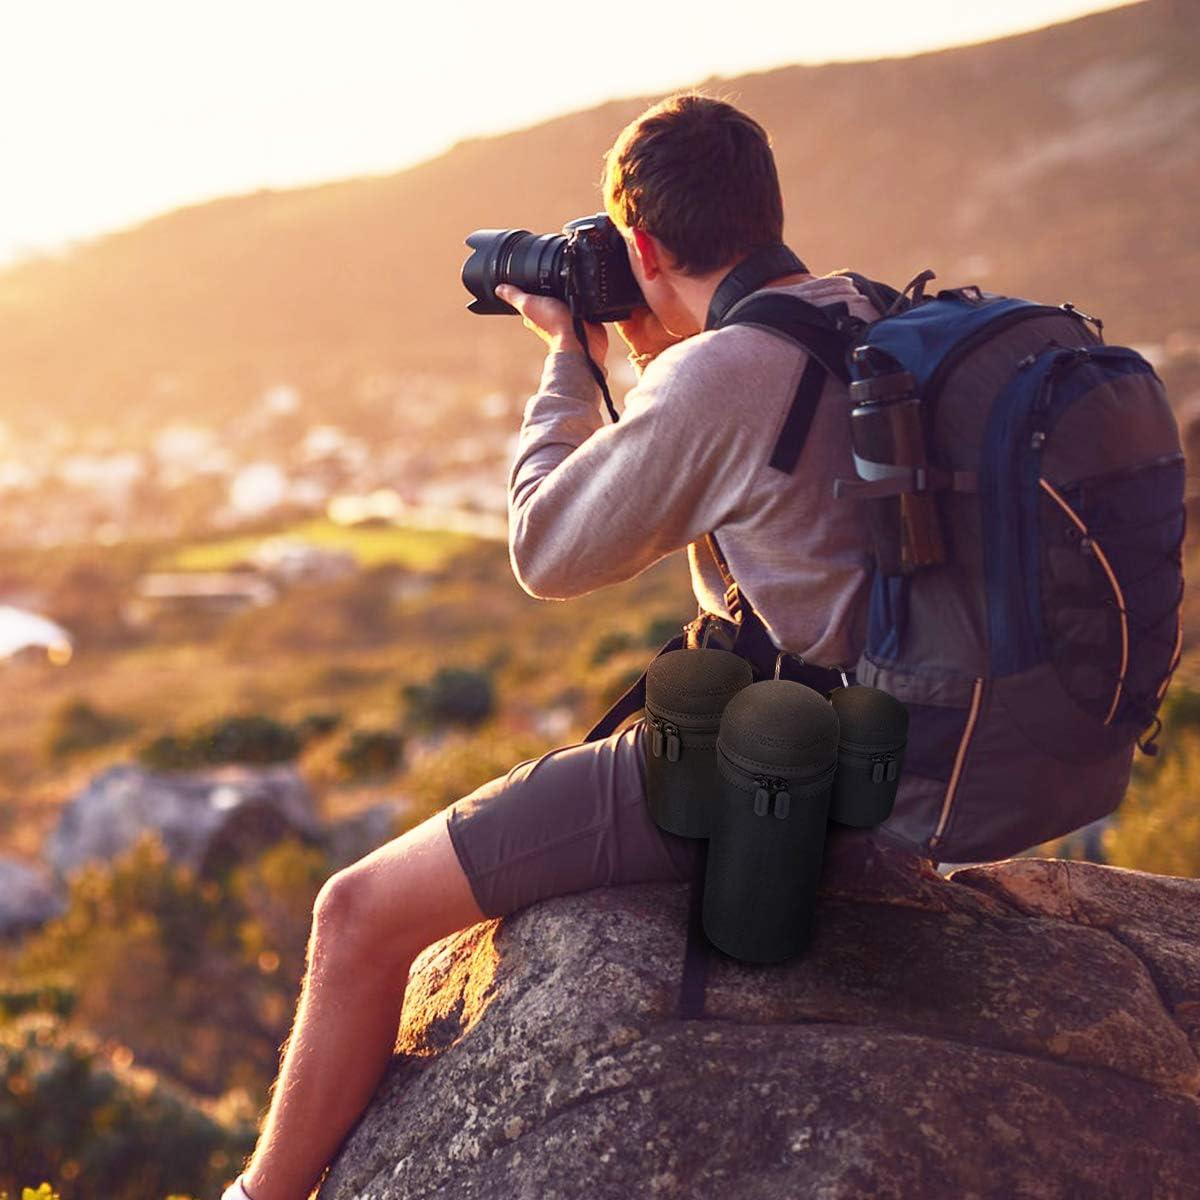 Schwarz /& Grau 5mm Dicke Wasserabweisend und Sto/ßd/ämpfend f/ür DSLR-Kameraobjektiv 4 Gr/ö/ßen Neopren Objektivbeutel wasserdichte Schutzbeutel f/ür Kamera Objektiv ARVOK Objektivtasche